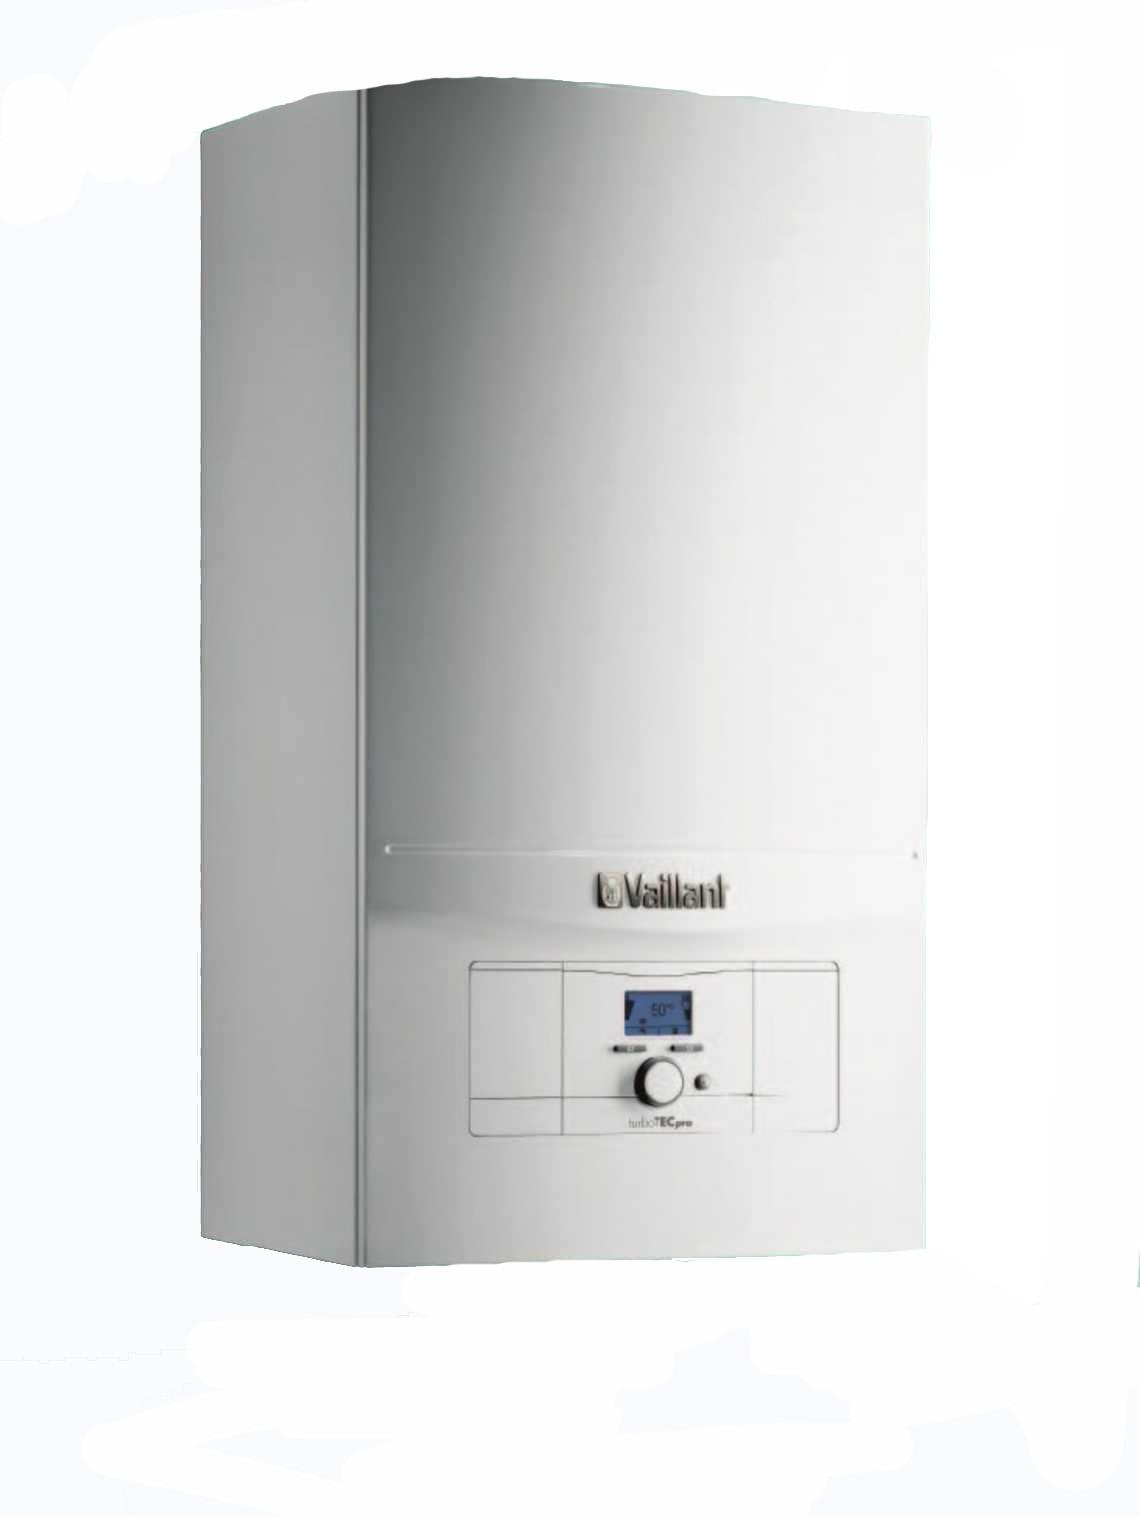 Газовый котёл Vaillant turboTEC pro VUW 242/5-3 0010015249